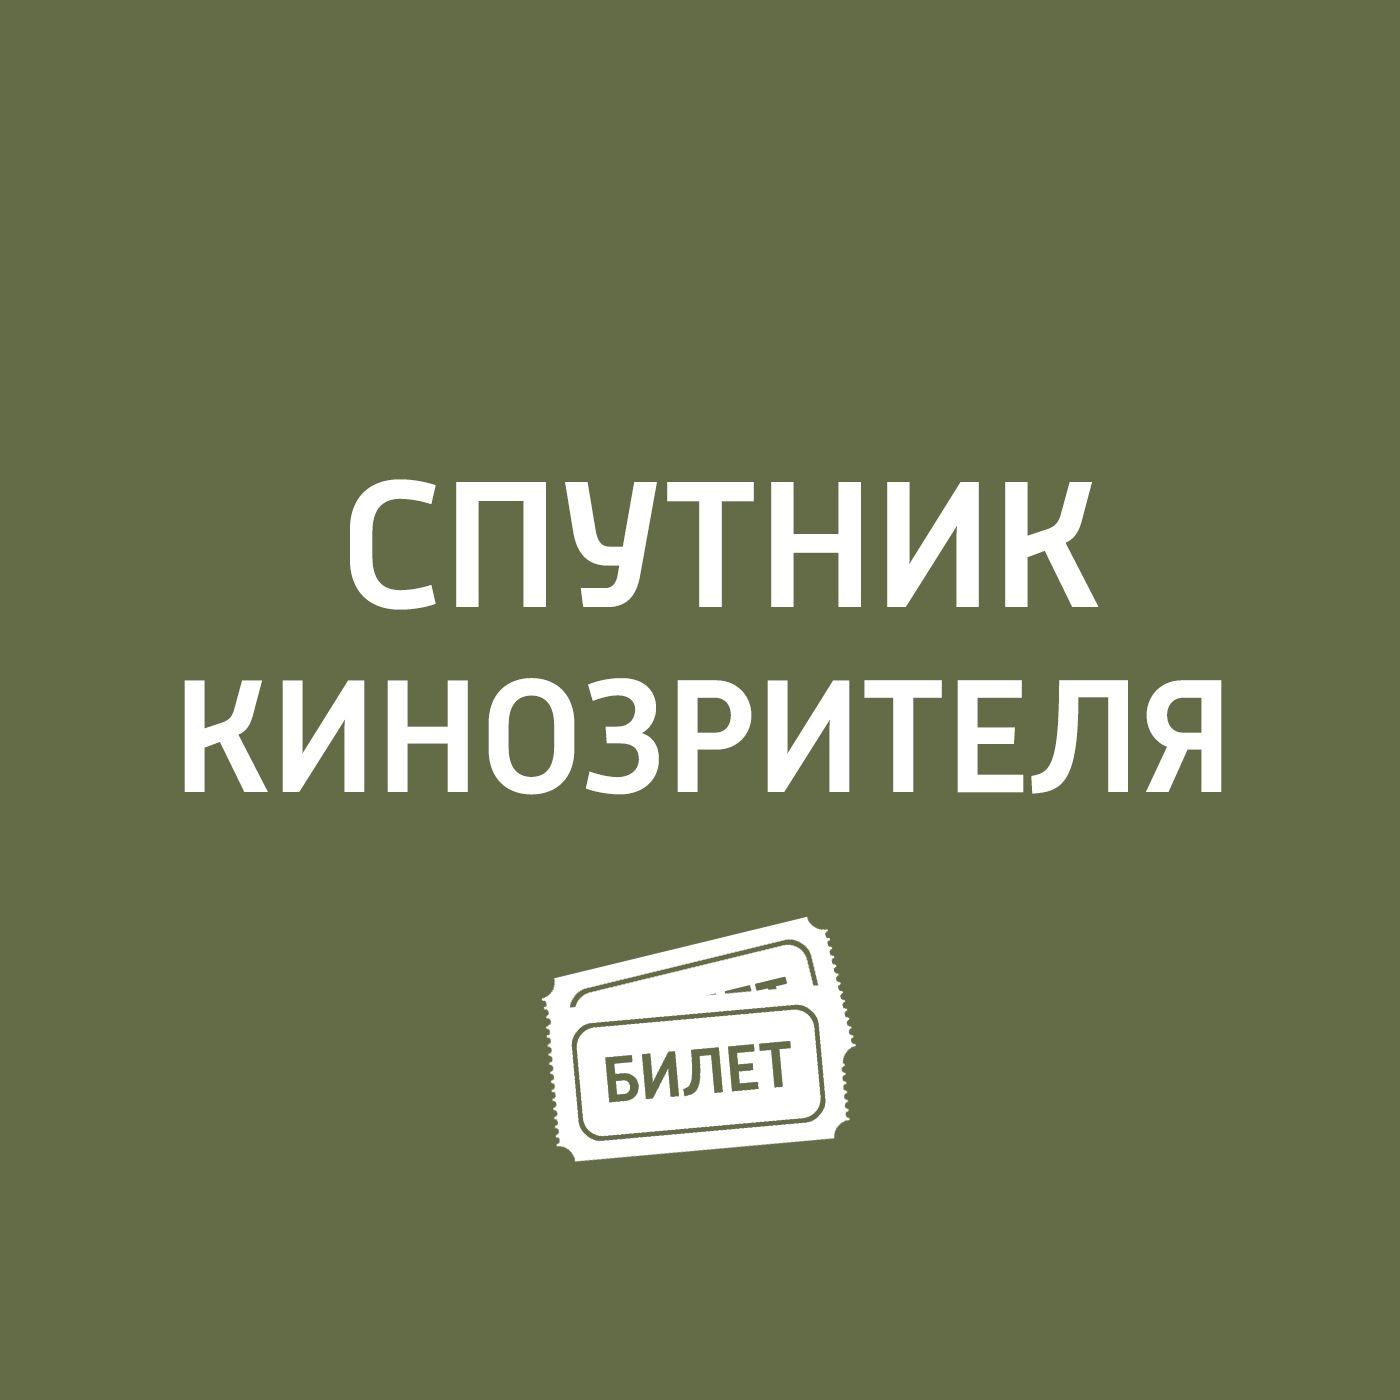 Антон Долин Хеллбой, После антон долин киноновинки апреля тренер свинья опасный бизнес логово монстра